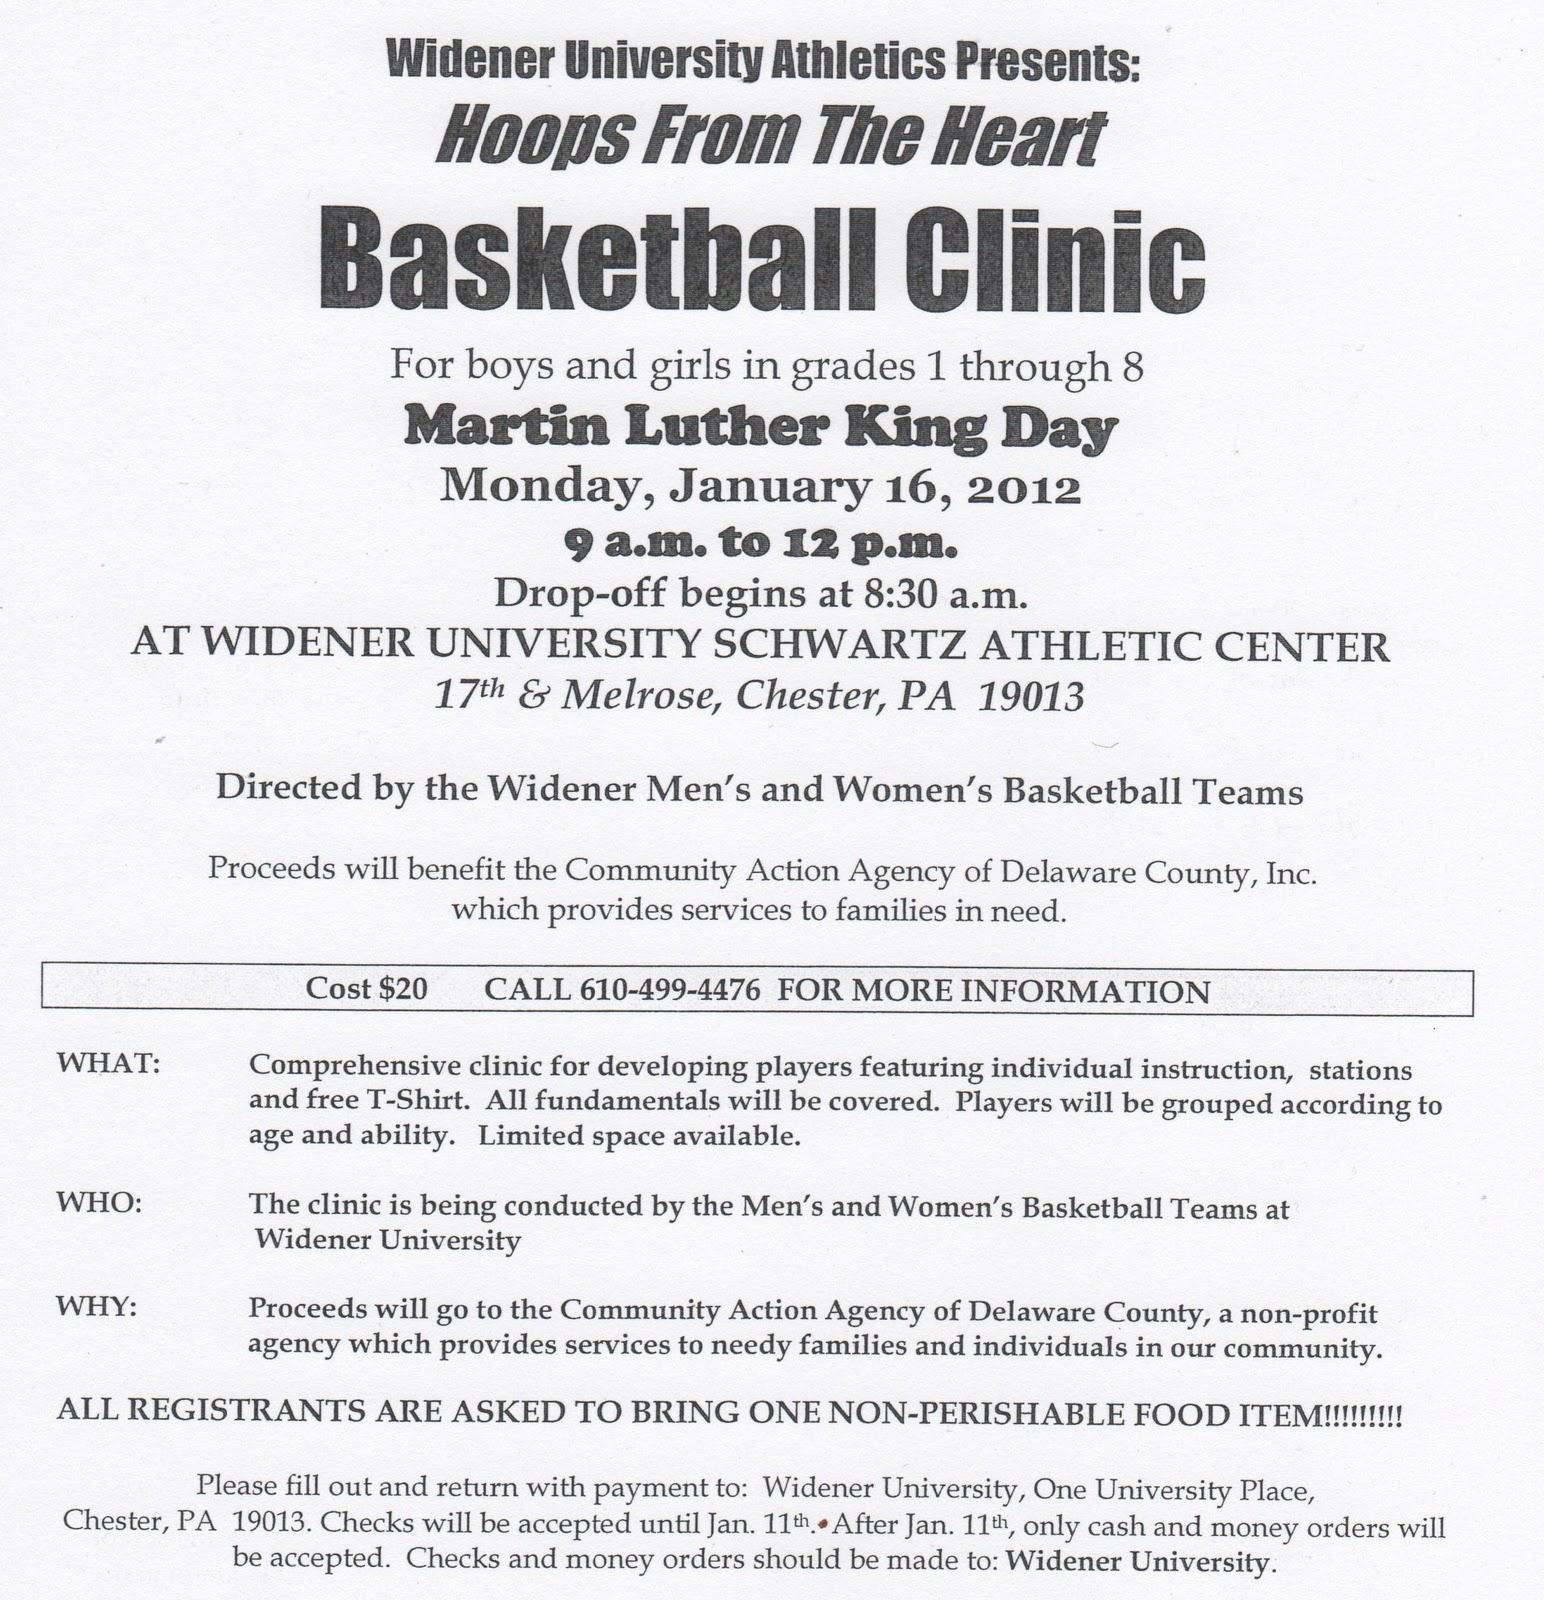 Basketball Camp Registration Form Template Erkalnathandedecker